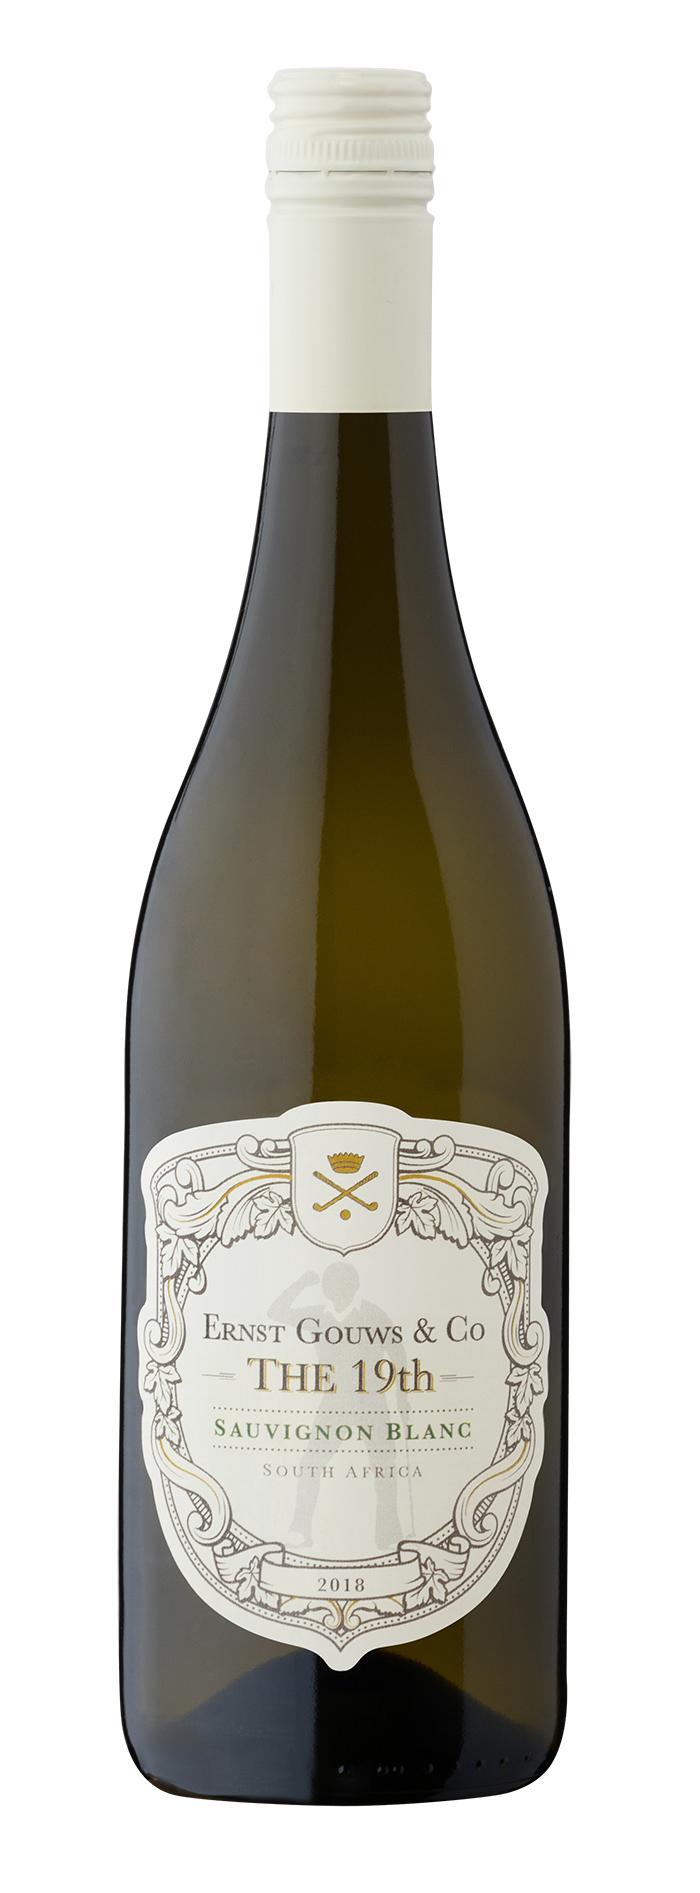 FINESSE, Magazin, Food, Gourmet, Wein, The 19th, Sauvignon Blanc, Weine des Monats